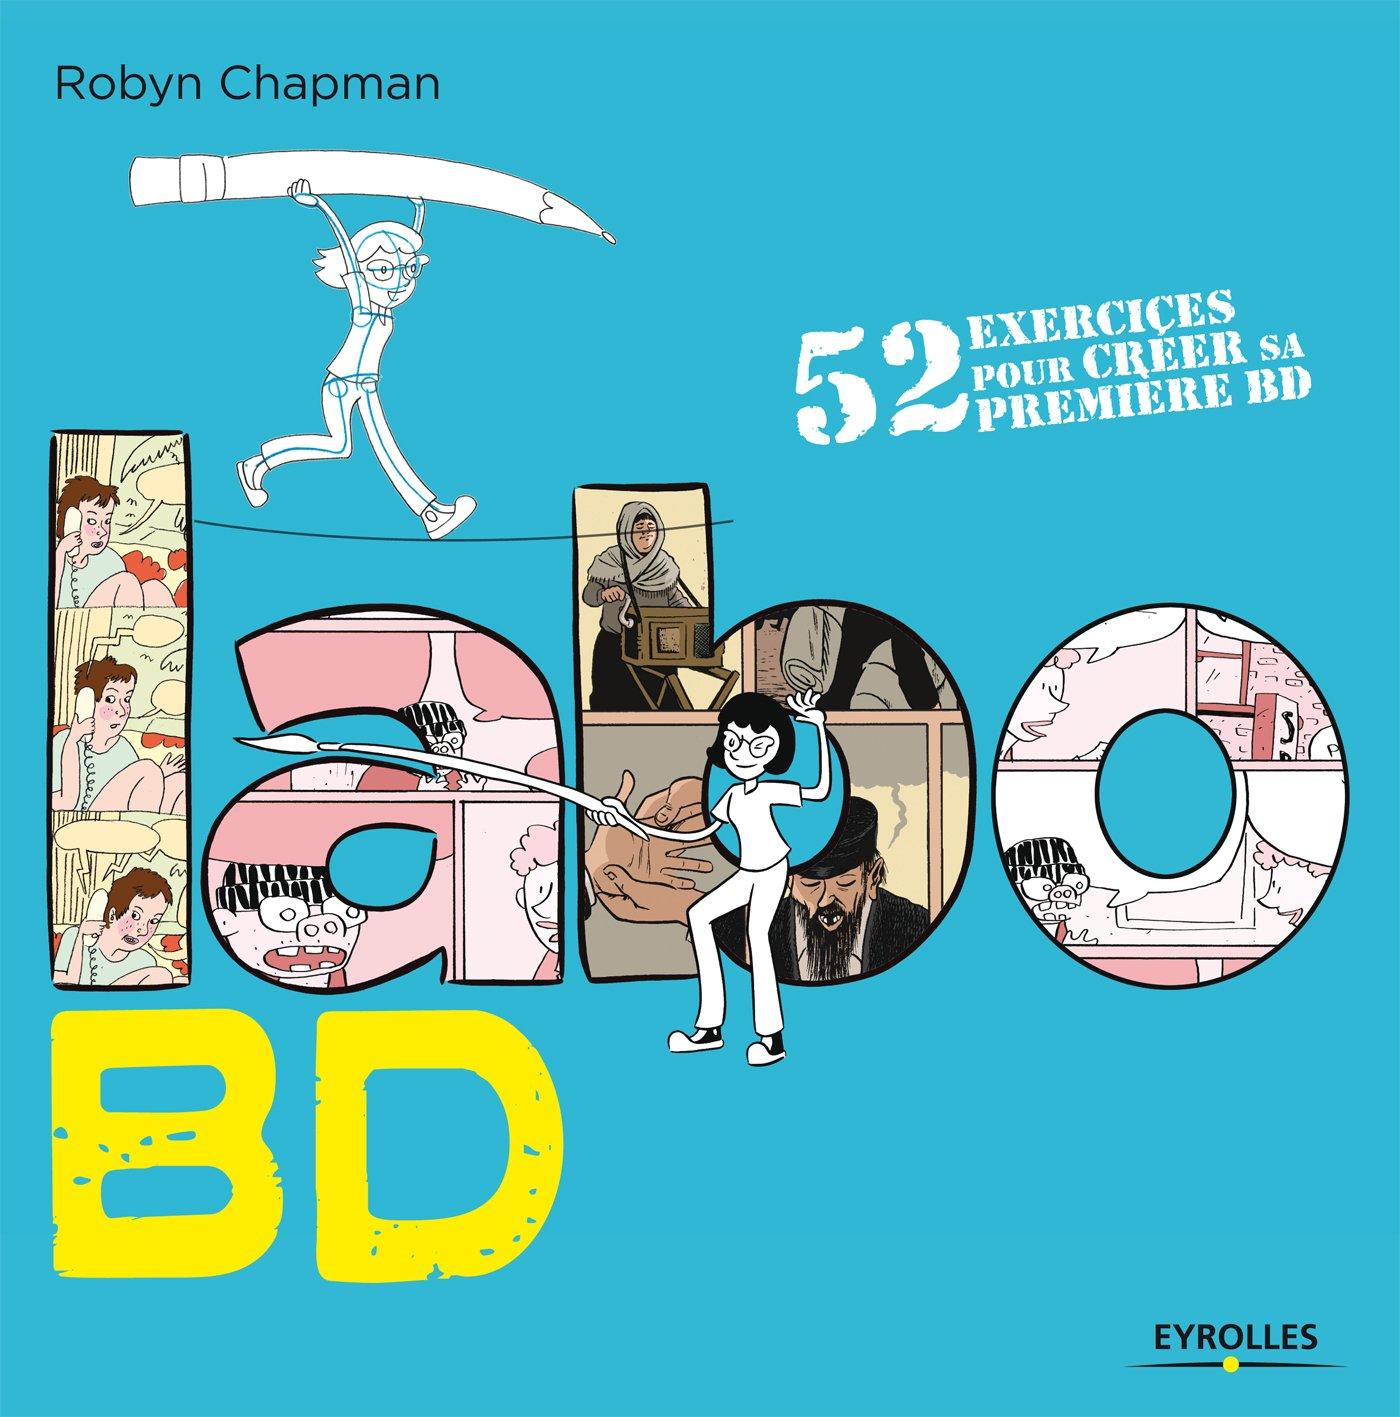 http://www.amazon.fr/Labo-BD-exercices-créer-première/dp/2212136307/ref=sr_1_25?s=books&ie=